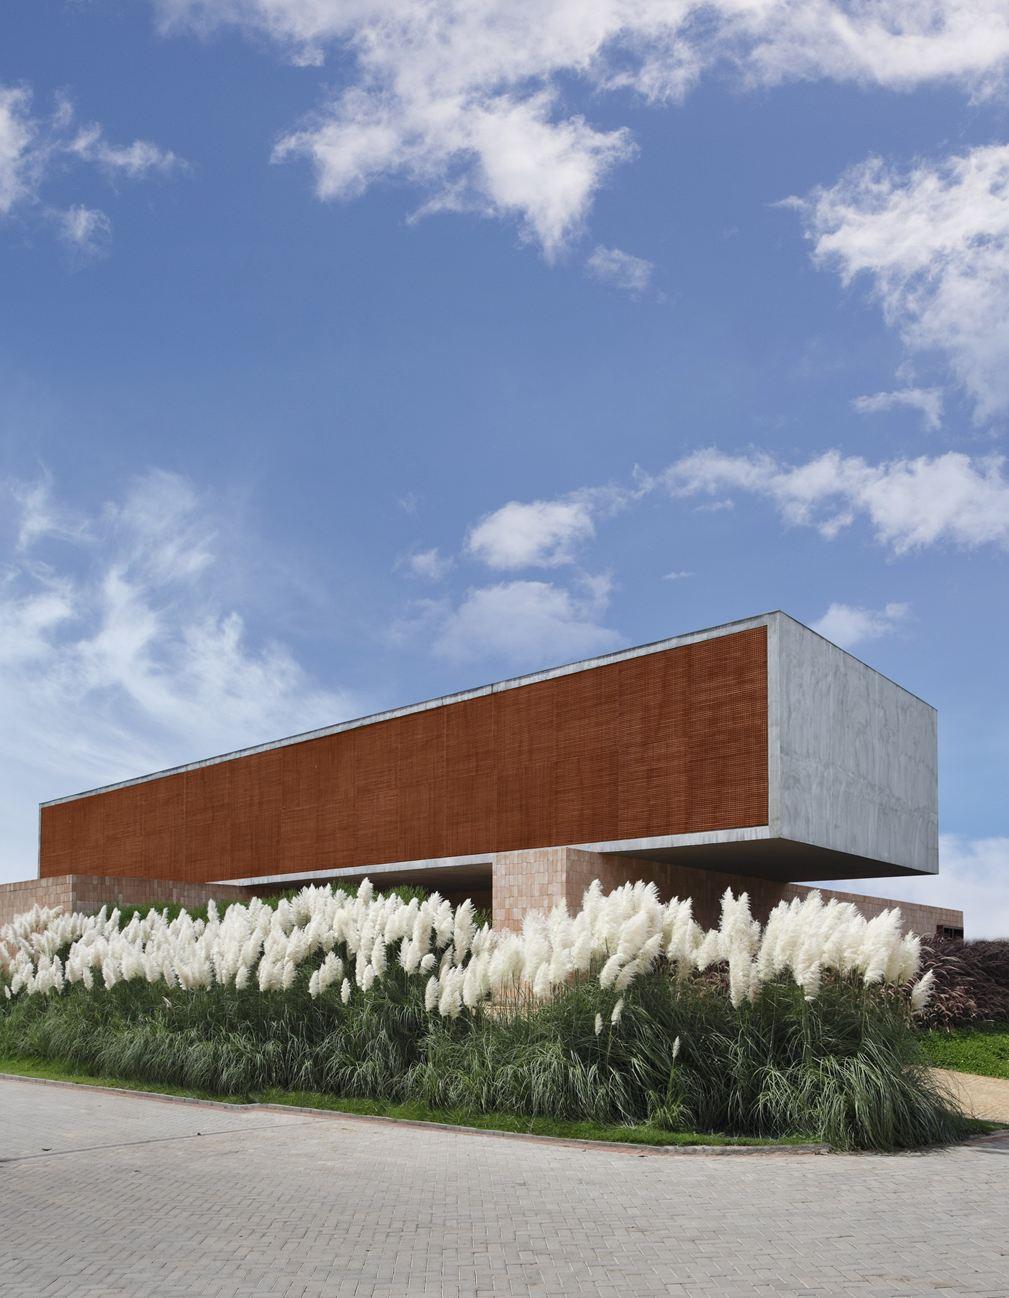 Hedendaagse architectuur uit natuursteen,beton en hout, grote planten